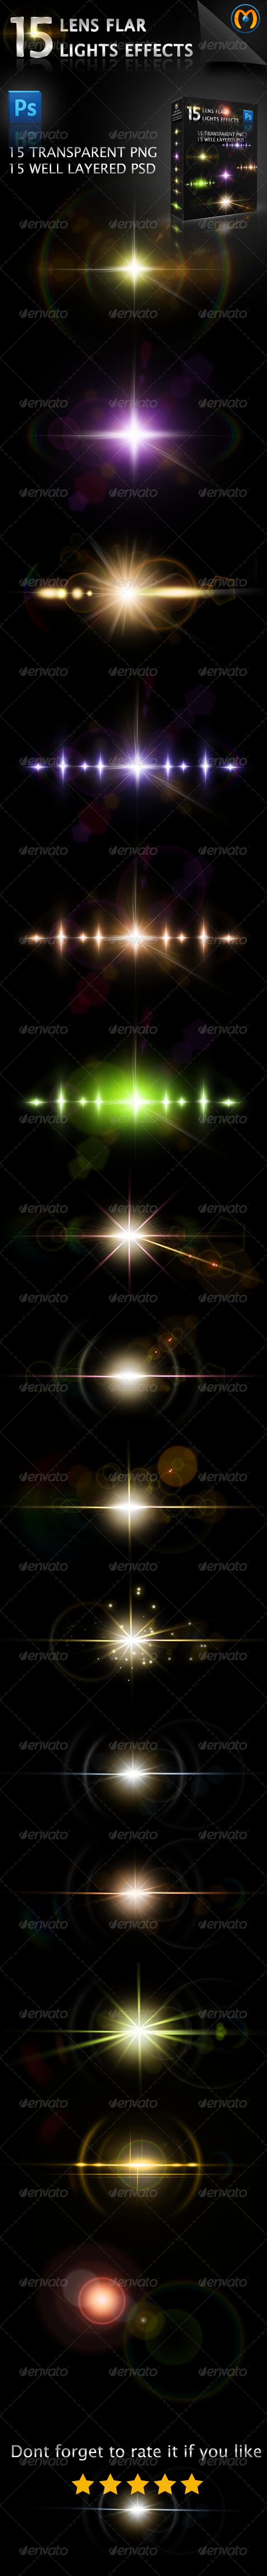 GraphicRiver 15 Lens Flares V.1 5330487